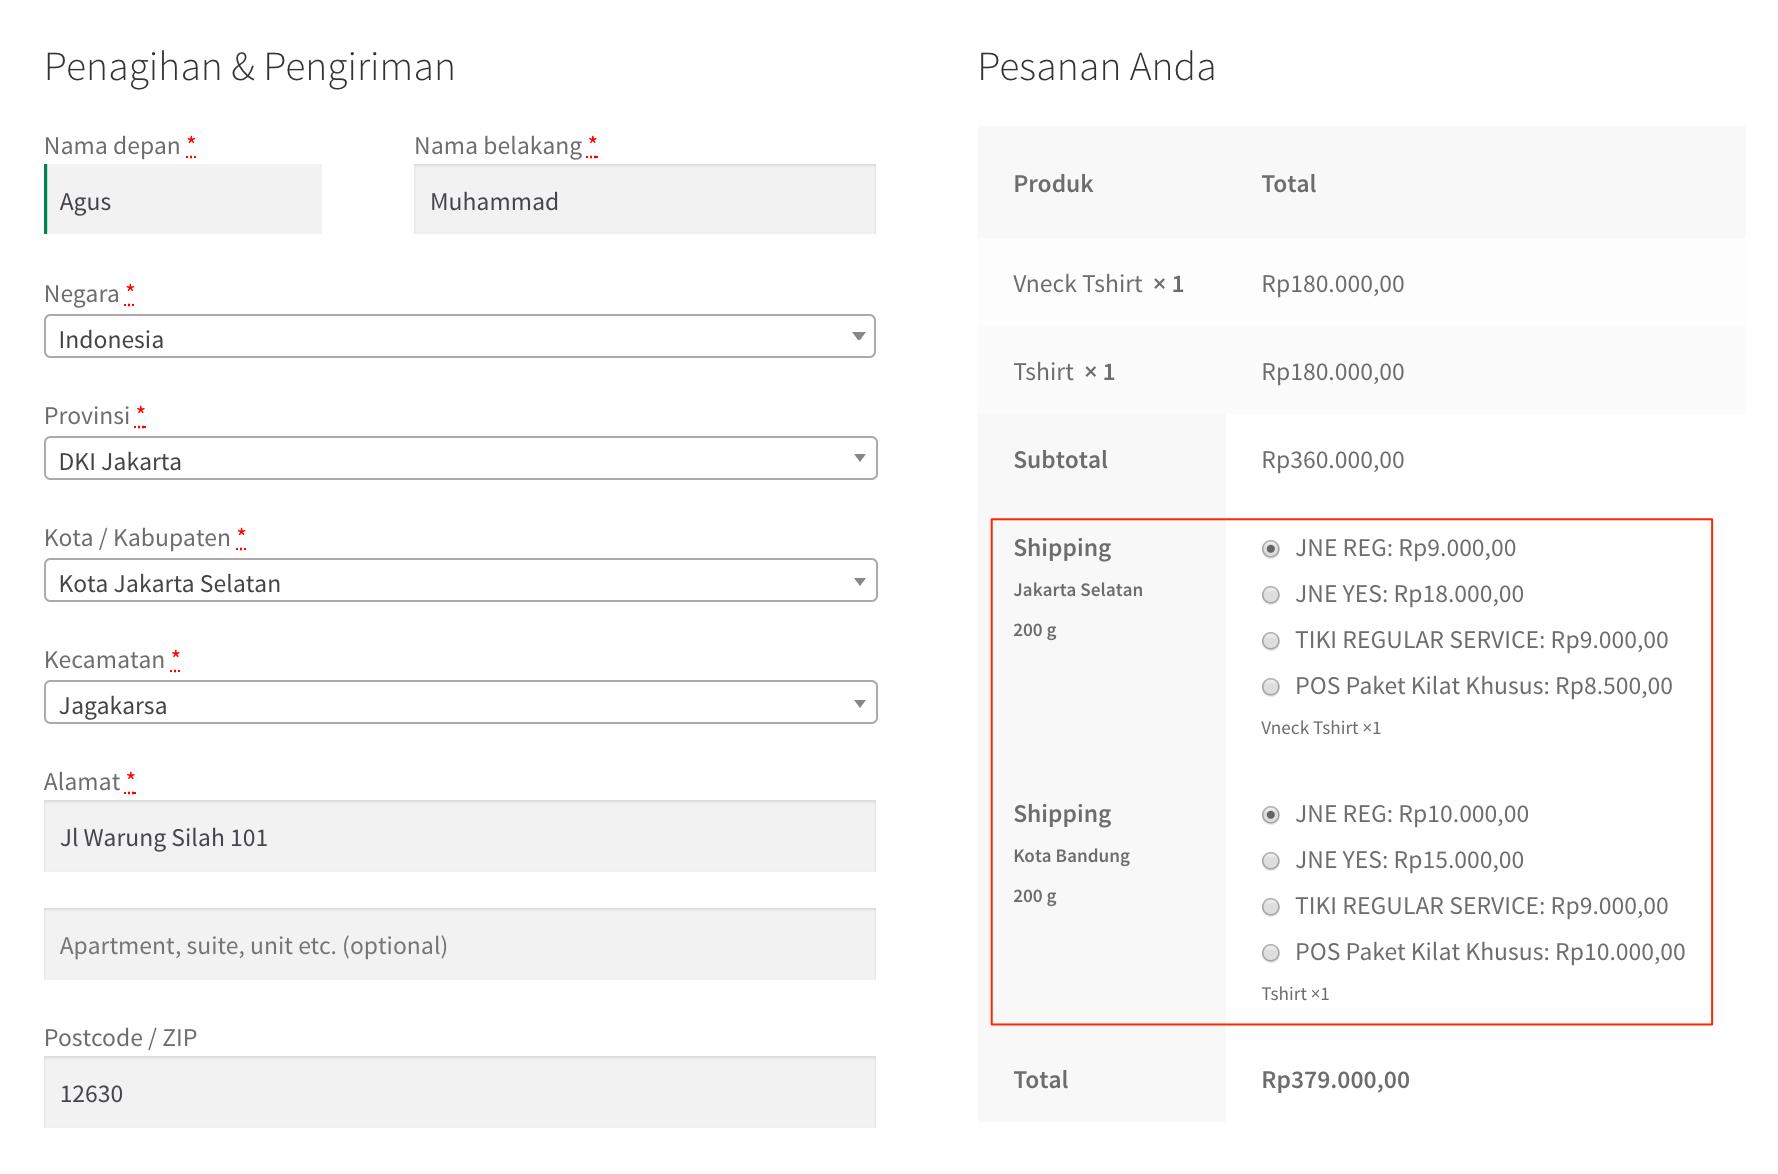 Woocommerce Indo Ongkir Wordpress Plugin Wpbisnis Solution Dan Pembeli Tetap Bisa Pesan Produk A B C Dalam Satu Order